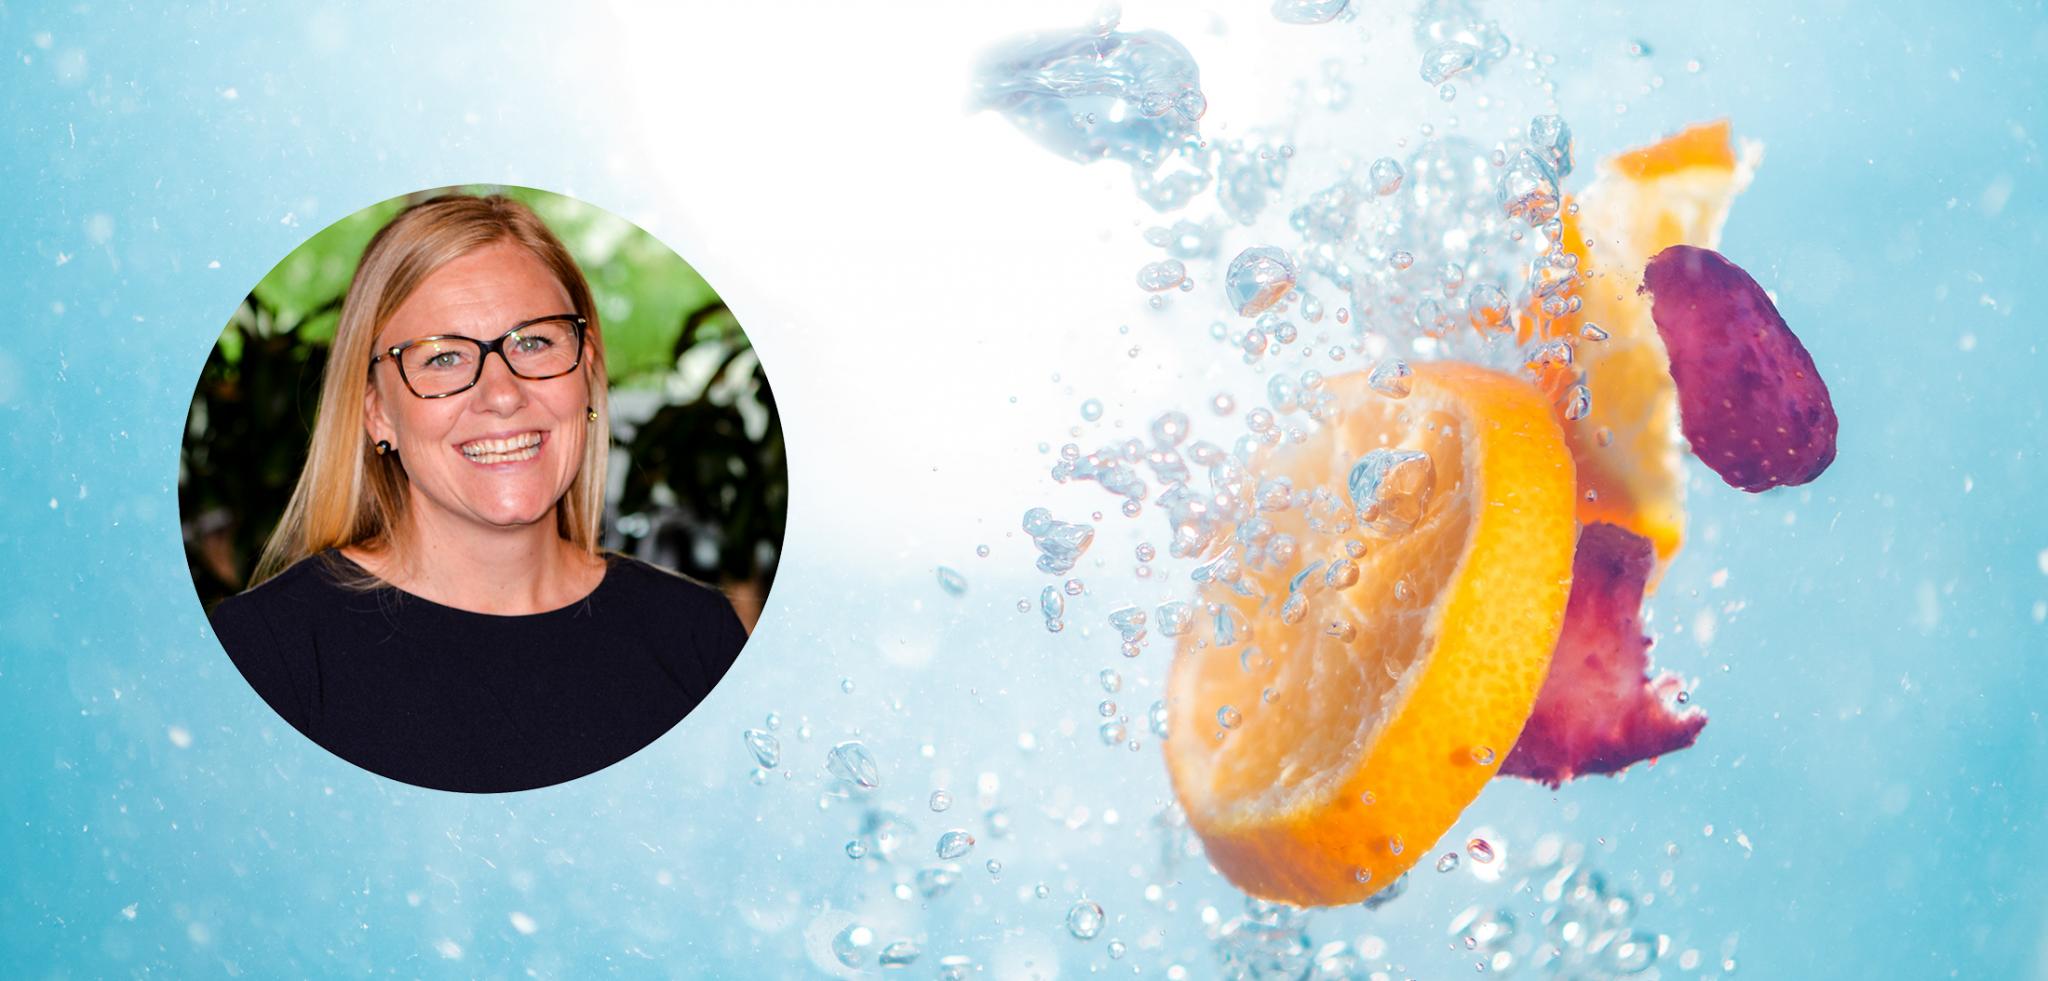 Appelsinskiver og kronblader som slippes i vann sammen med et profilbilde av Xledger ansatt Henriette Fonager.